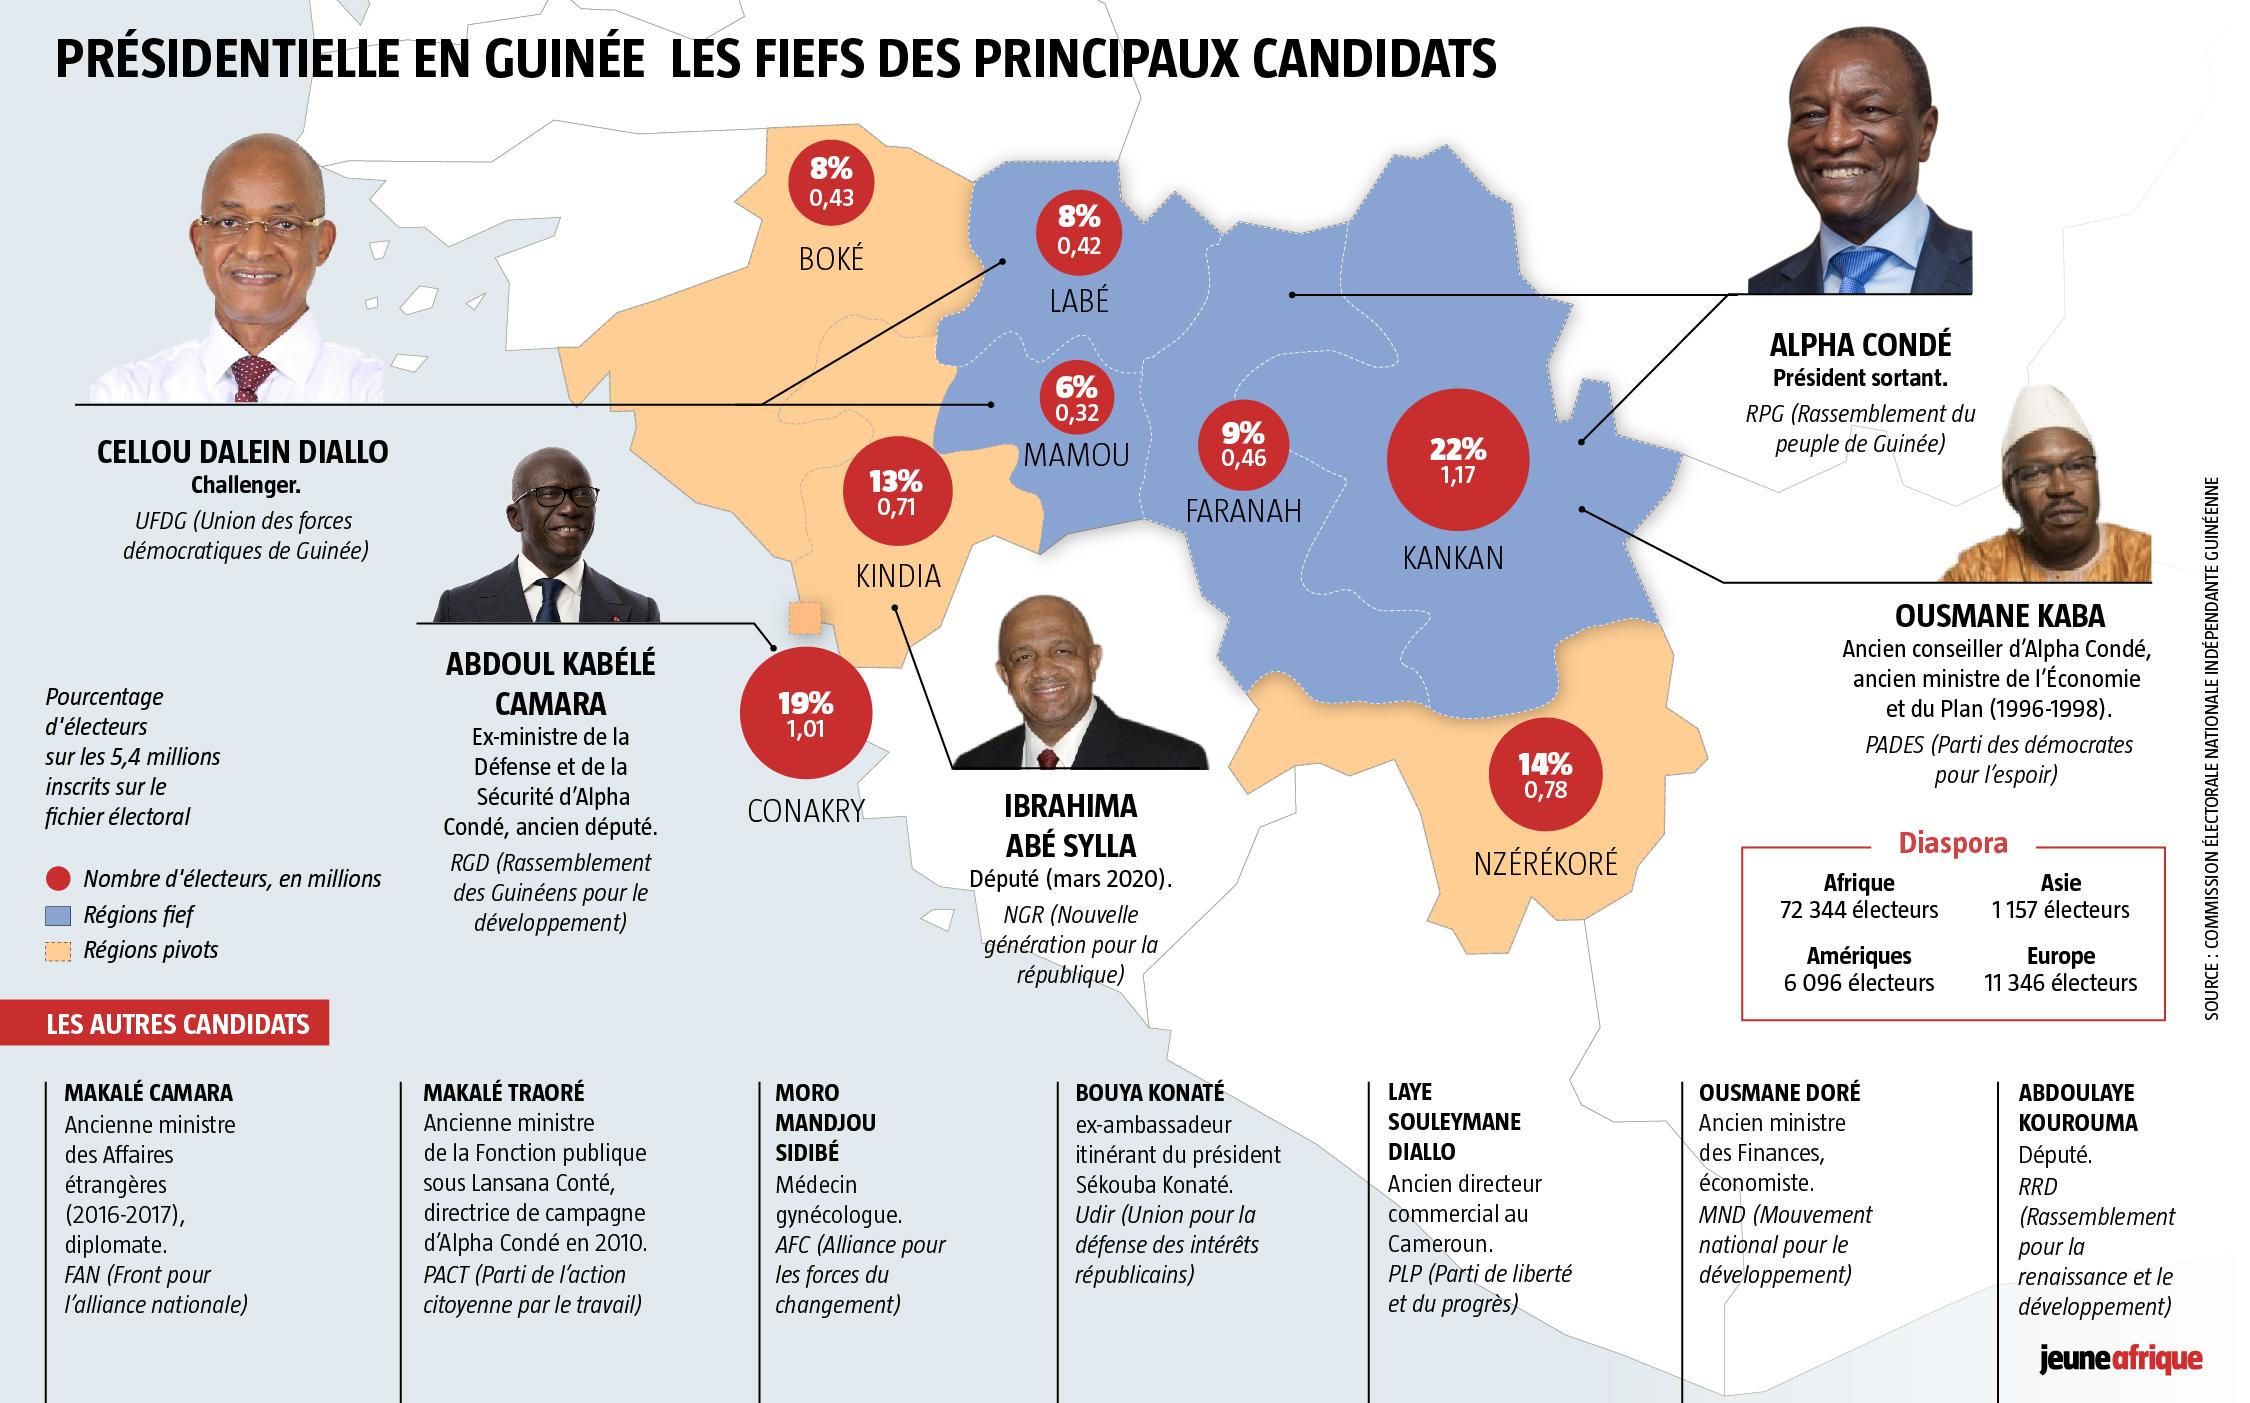 Présidentielle en Guinée : les fiefs des principaux candidats